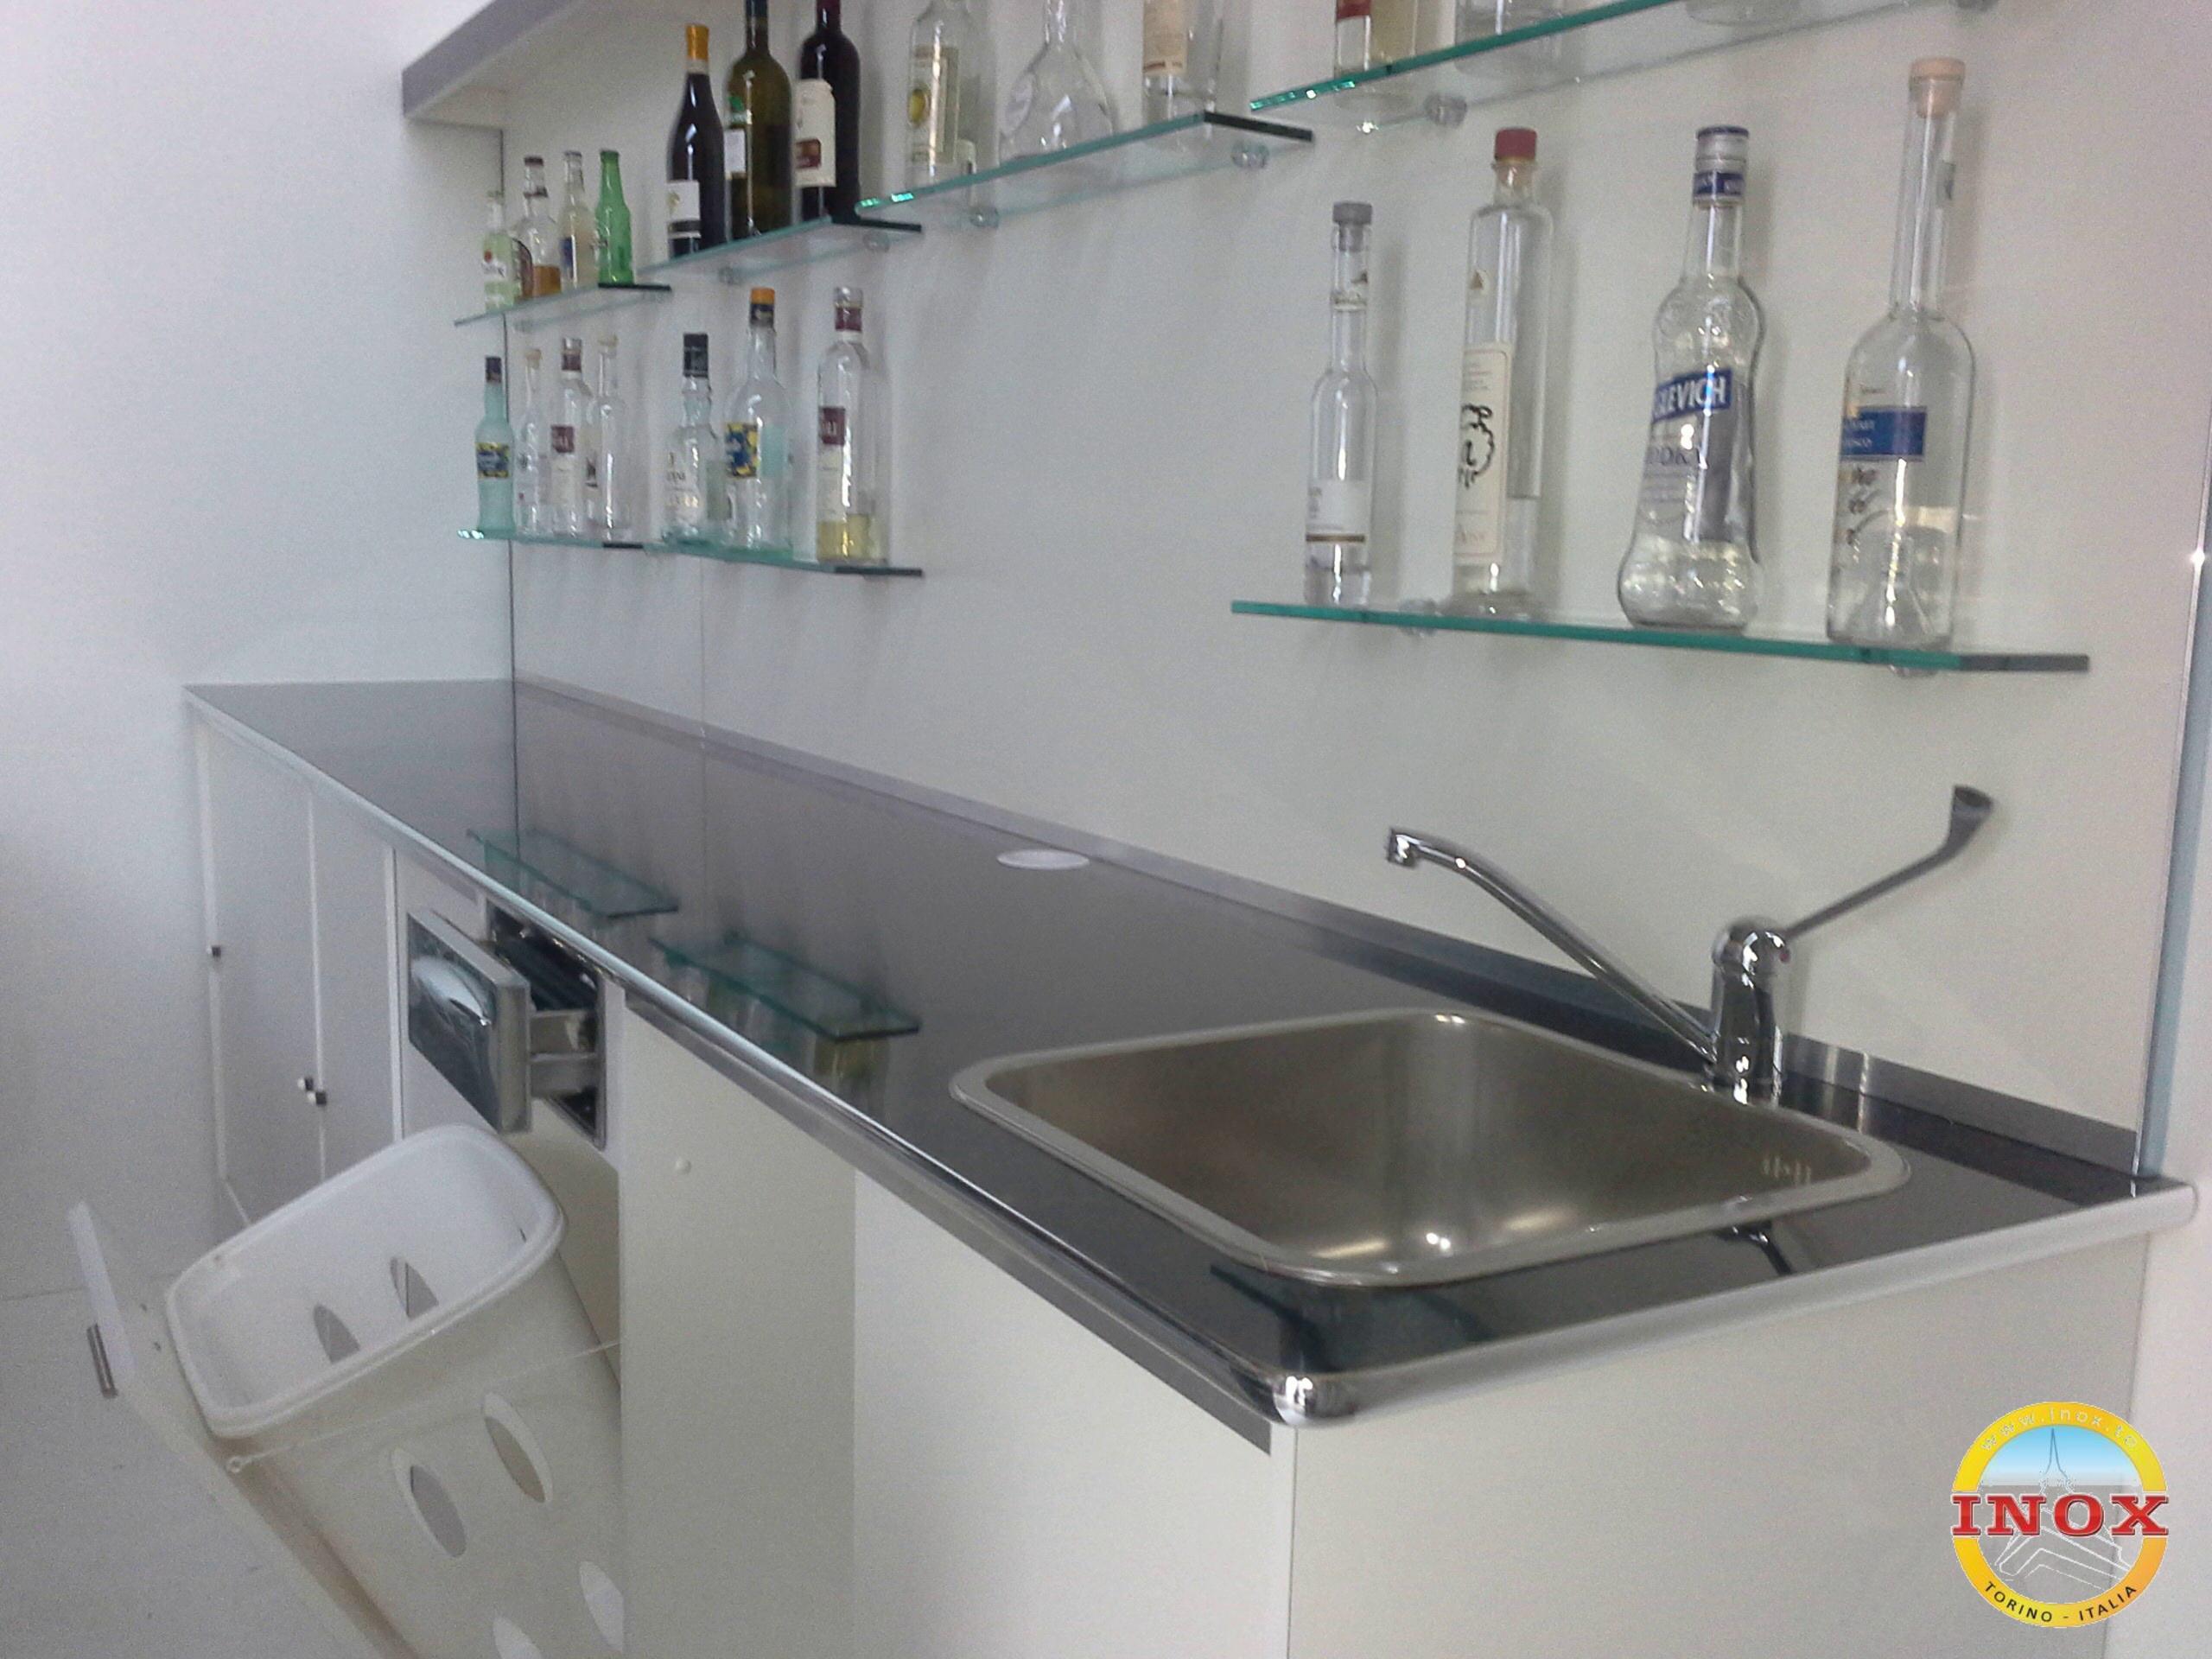 Arredamenti per bar negozi ristoranti banchi frigo for Arredamenti bar prezzi